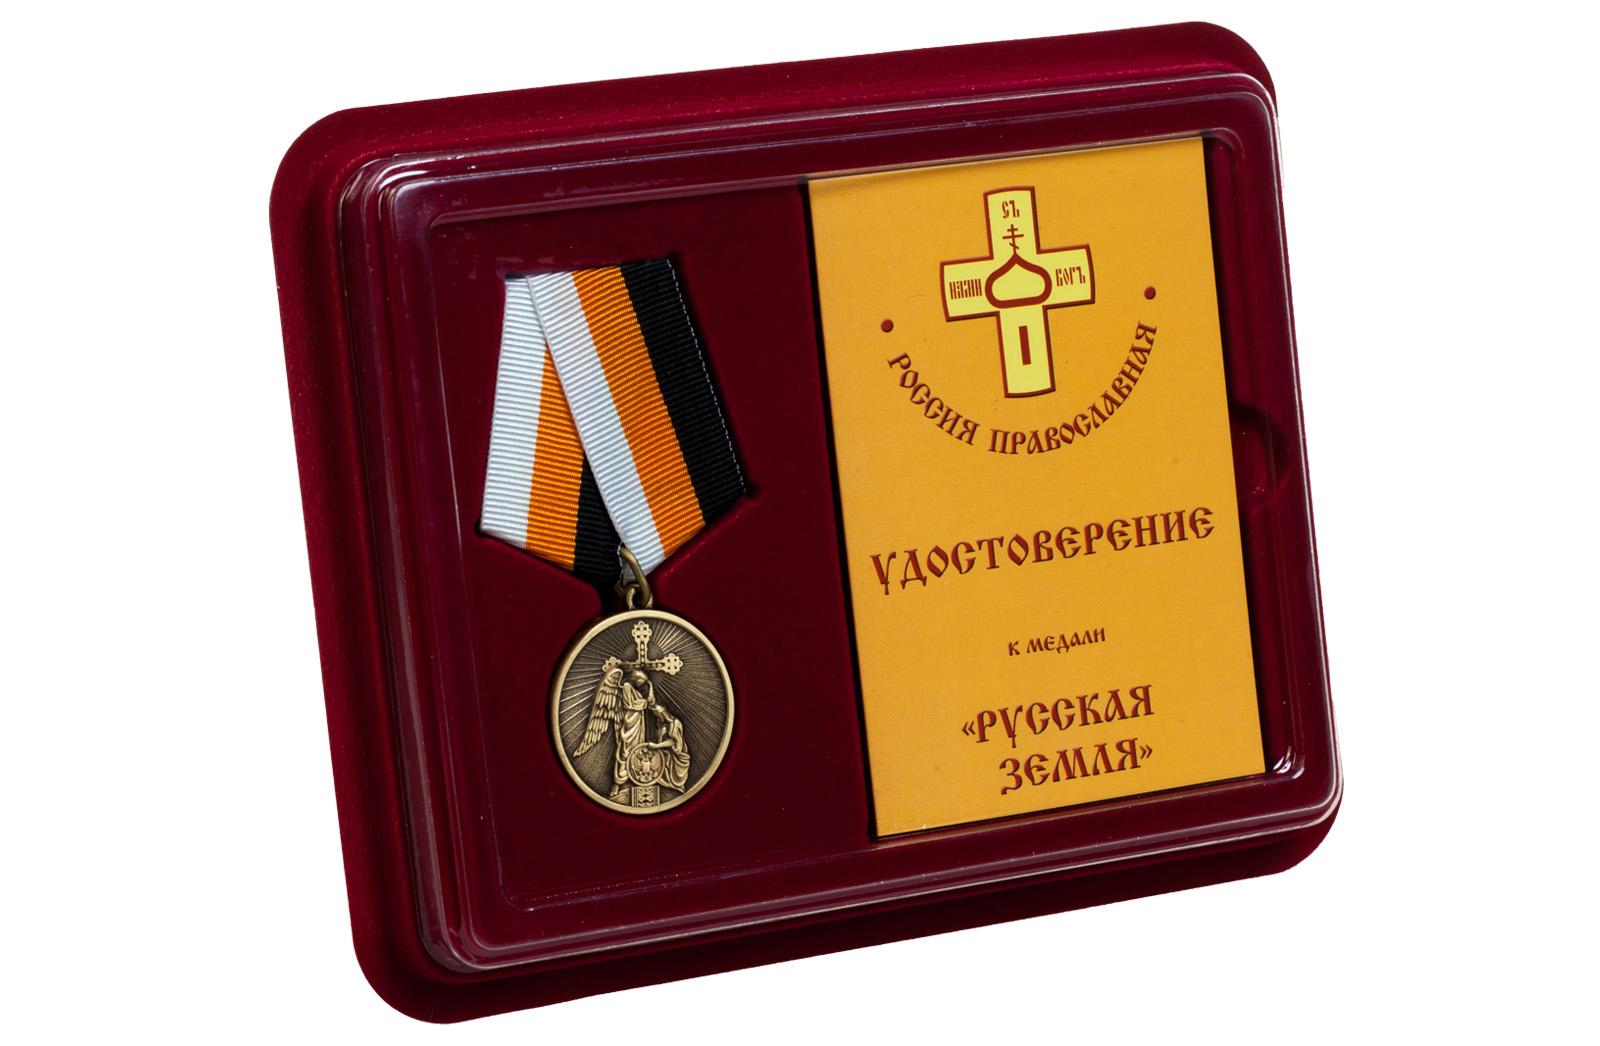 Купить православную медаль Русская земля оптом или в розницу